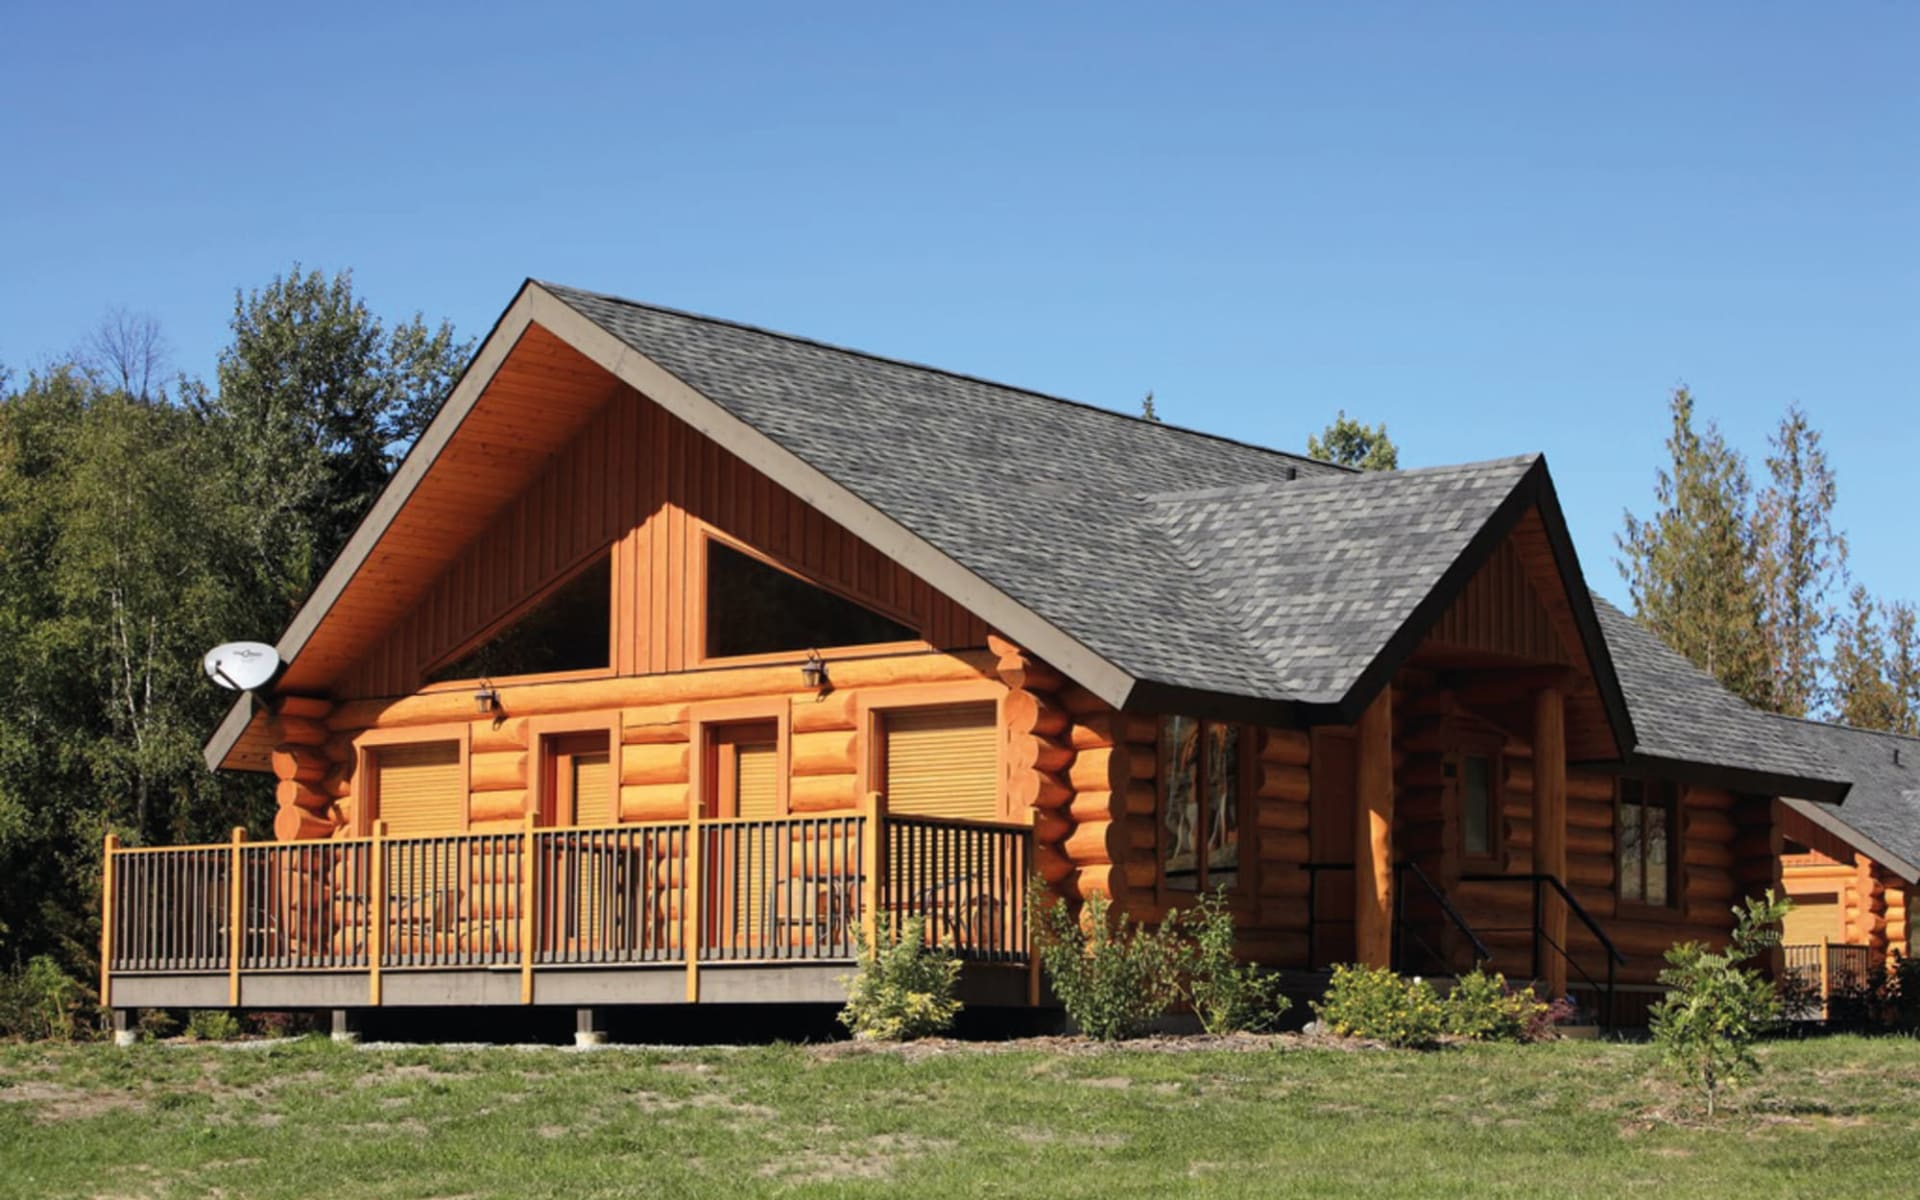 Alpine Meadows Resort in Clearwater:  Alpine Meadows_Aussenansicht Chalet_Jonview